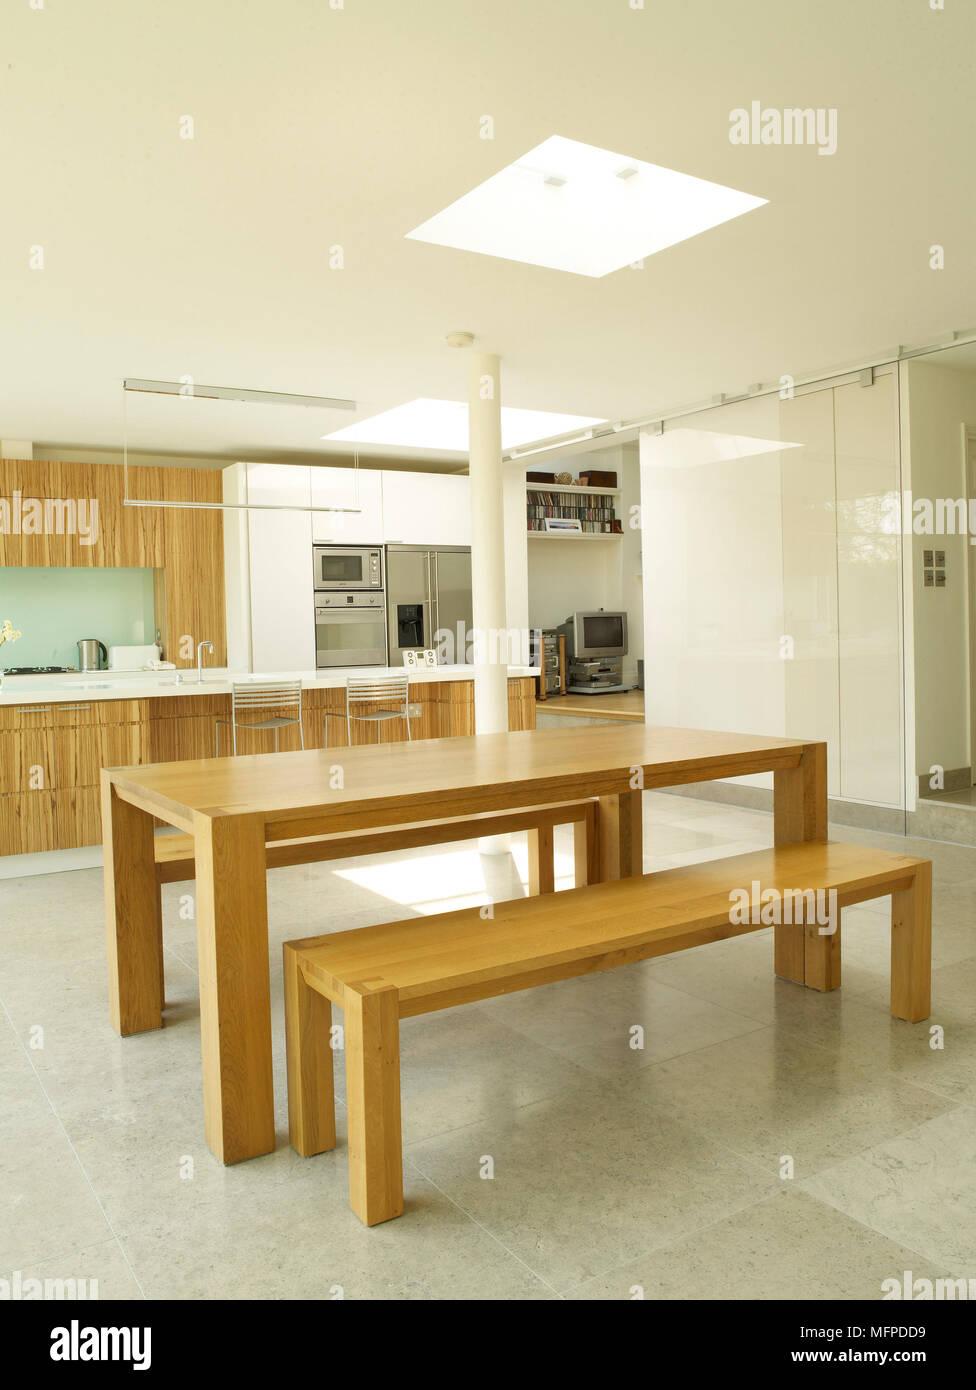 Semplice tavolo in legno e i sedili a panchina nel centro di cucina ...